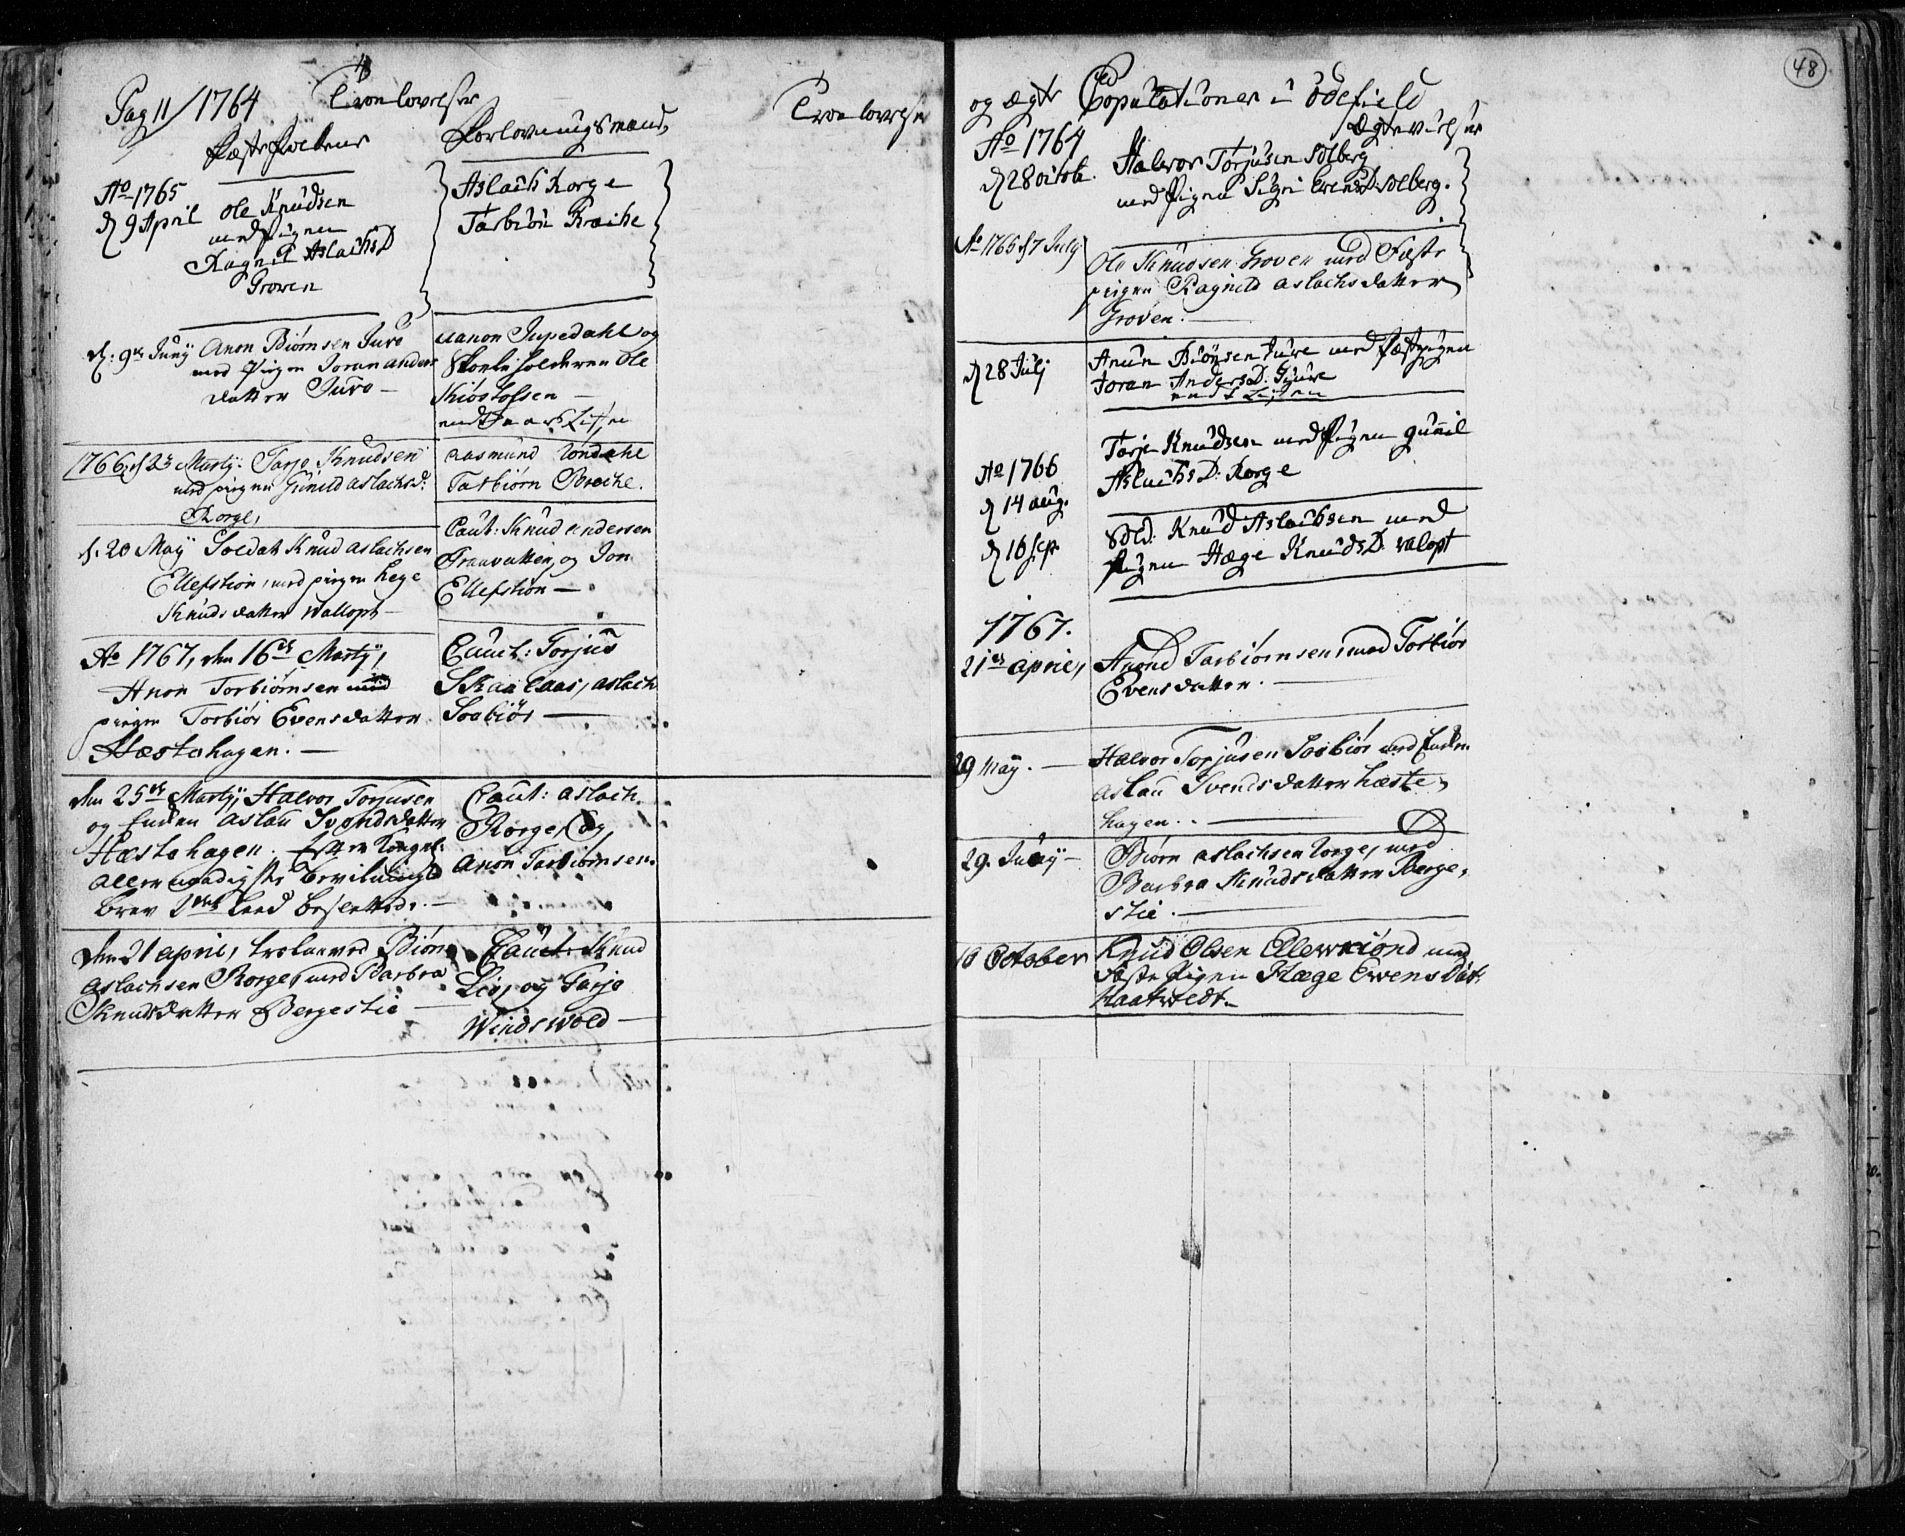 SAKO, Lårdal kirkebøker, F/Fa/L0003: Ministerialbok nr. I 3, 1754-1790, s. 48